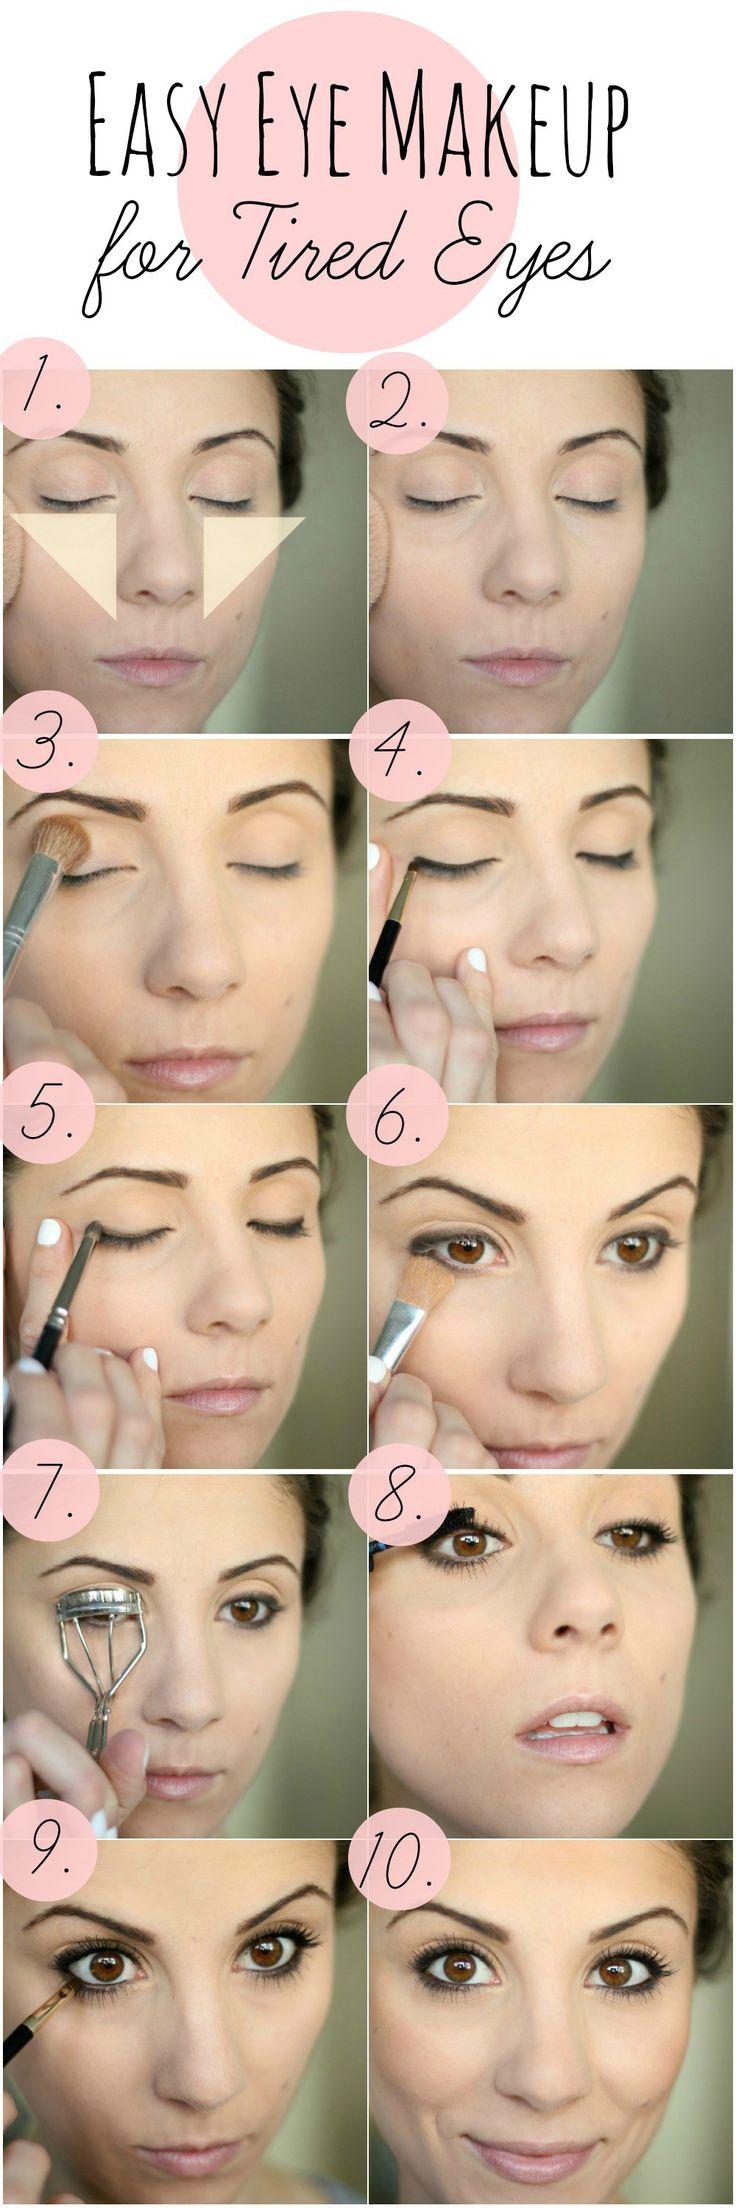 Eye Makeup for Tired Eyes - Lauren McBride